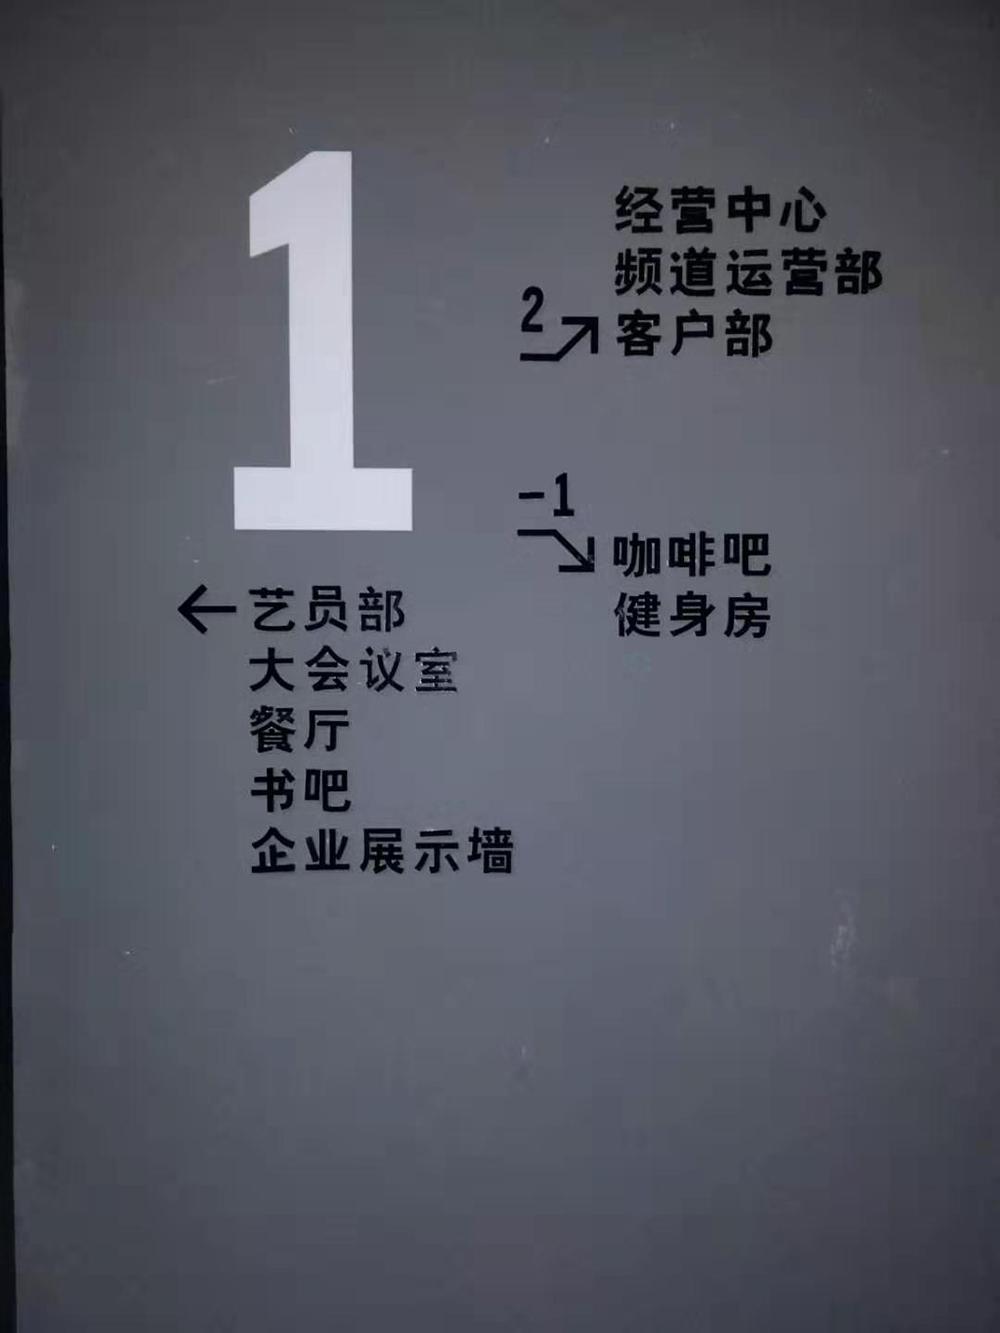 过道指示 标示标牌 2